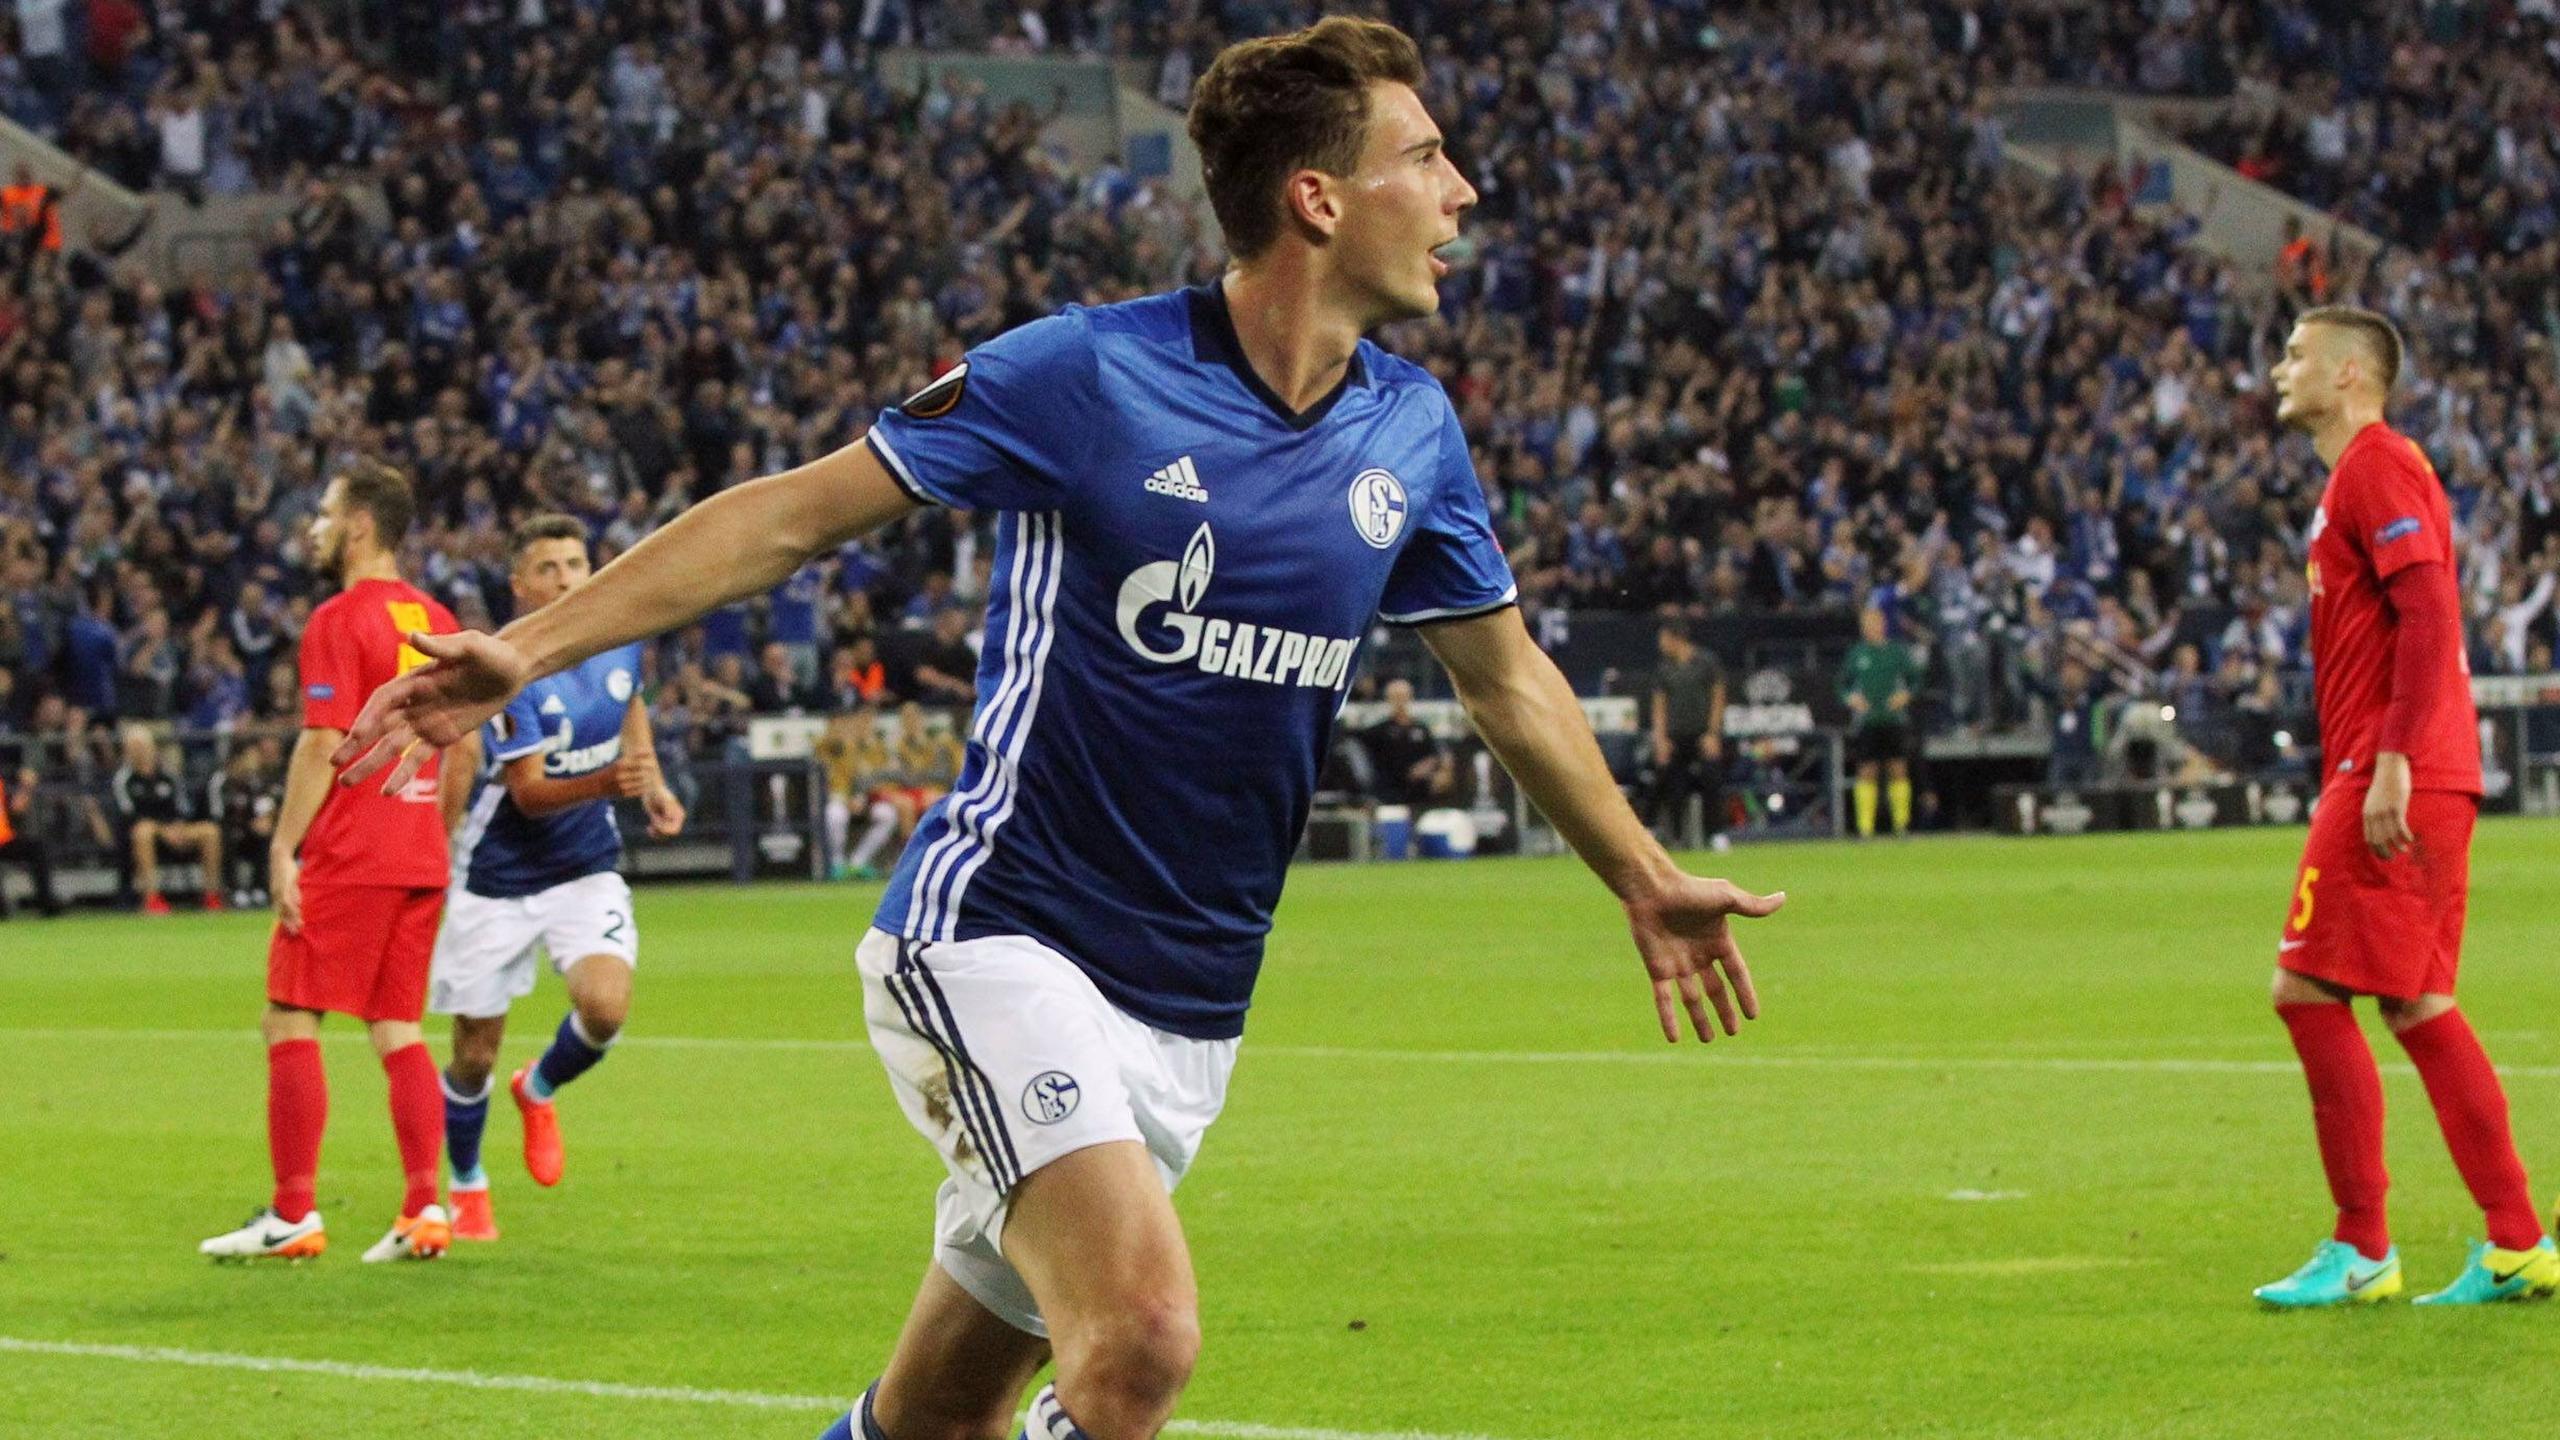 Europa League Schalke 04